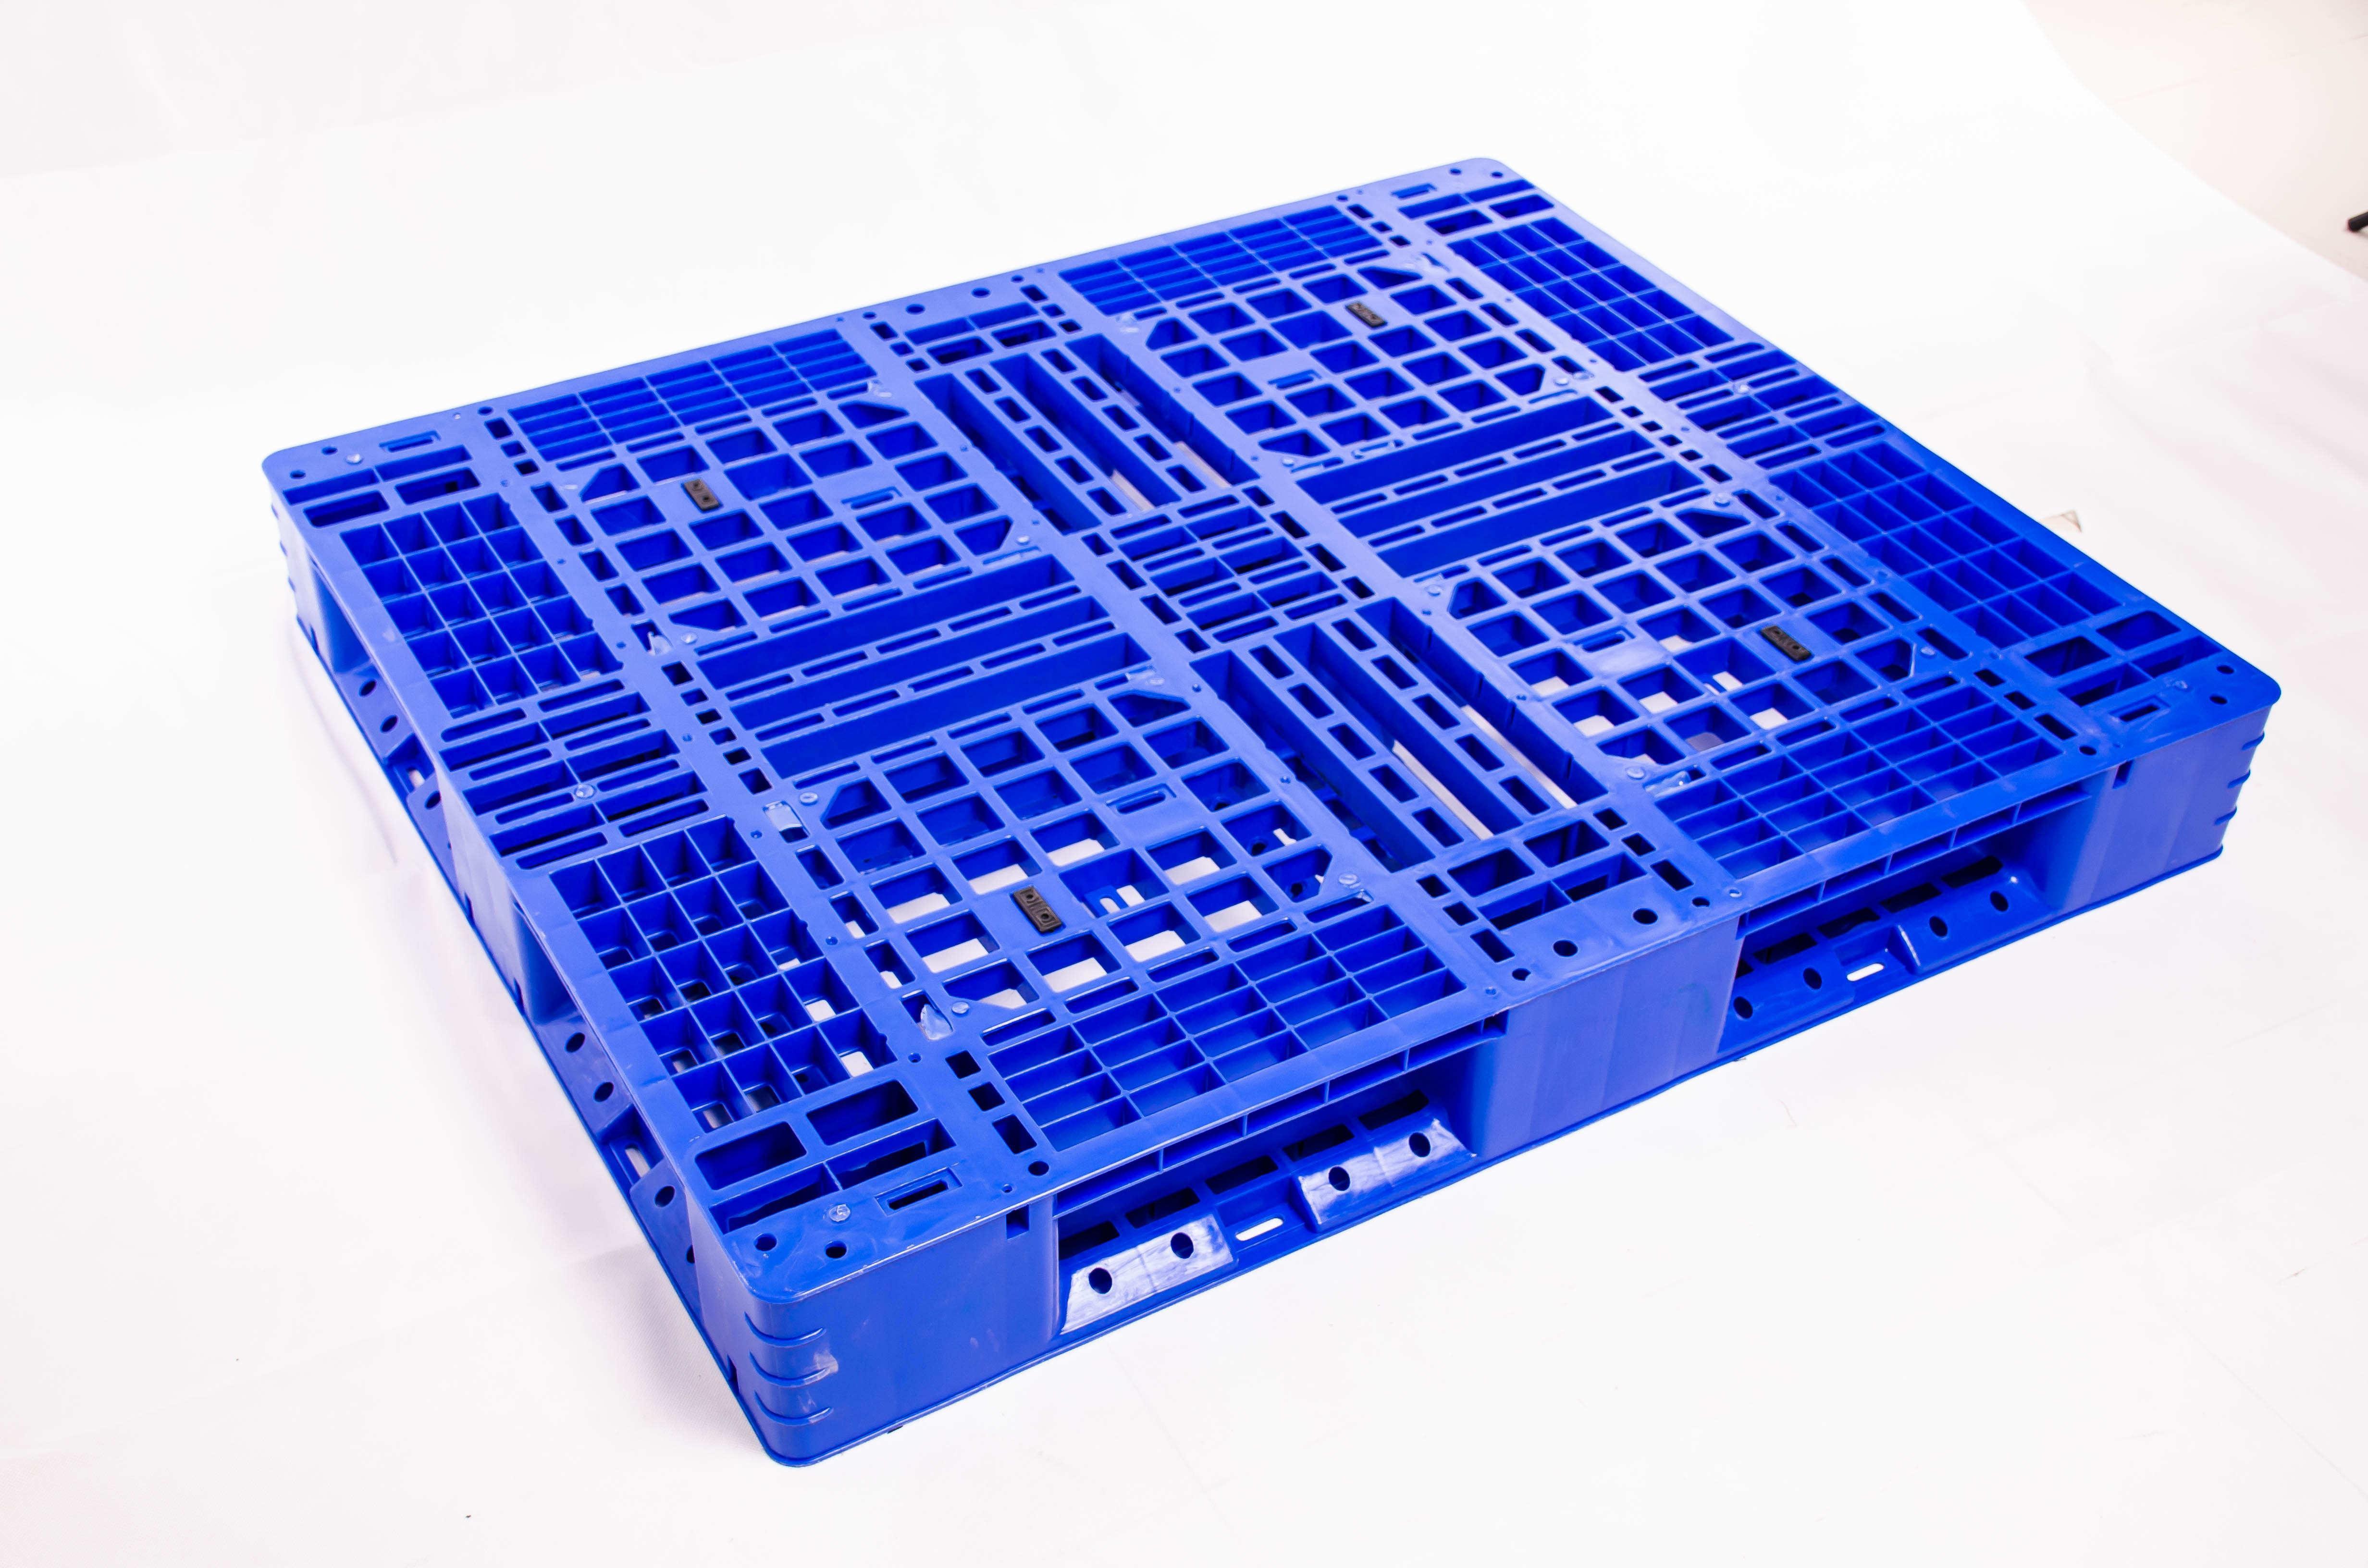 托盘采购为什么要选择网格型塑料托盘